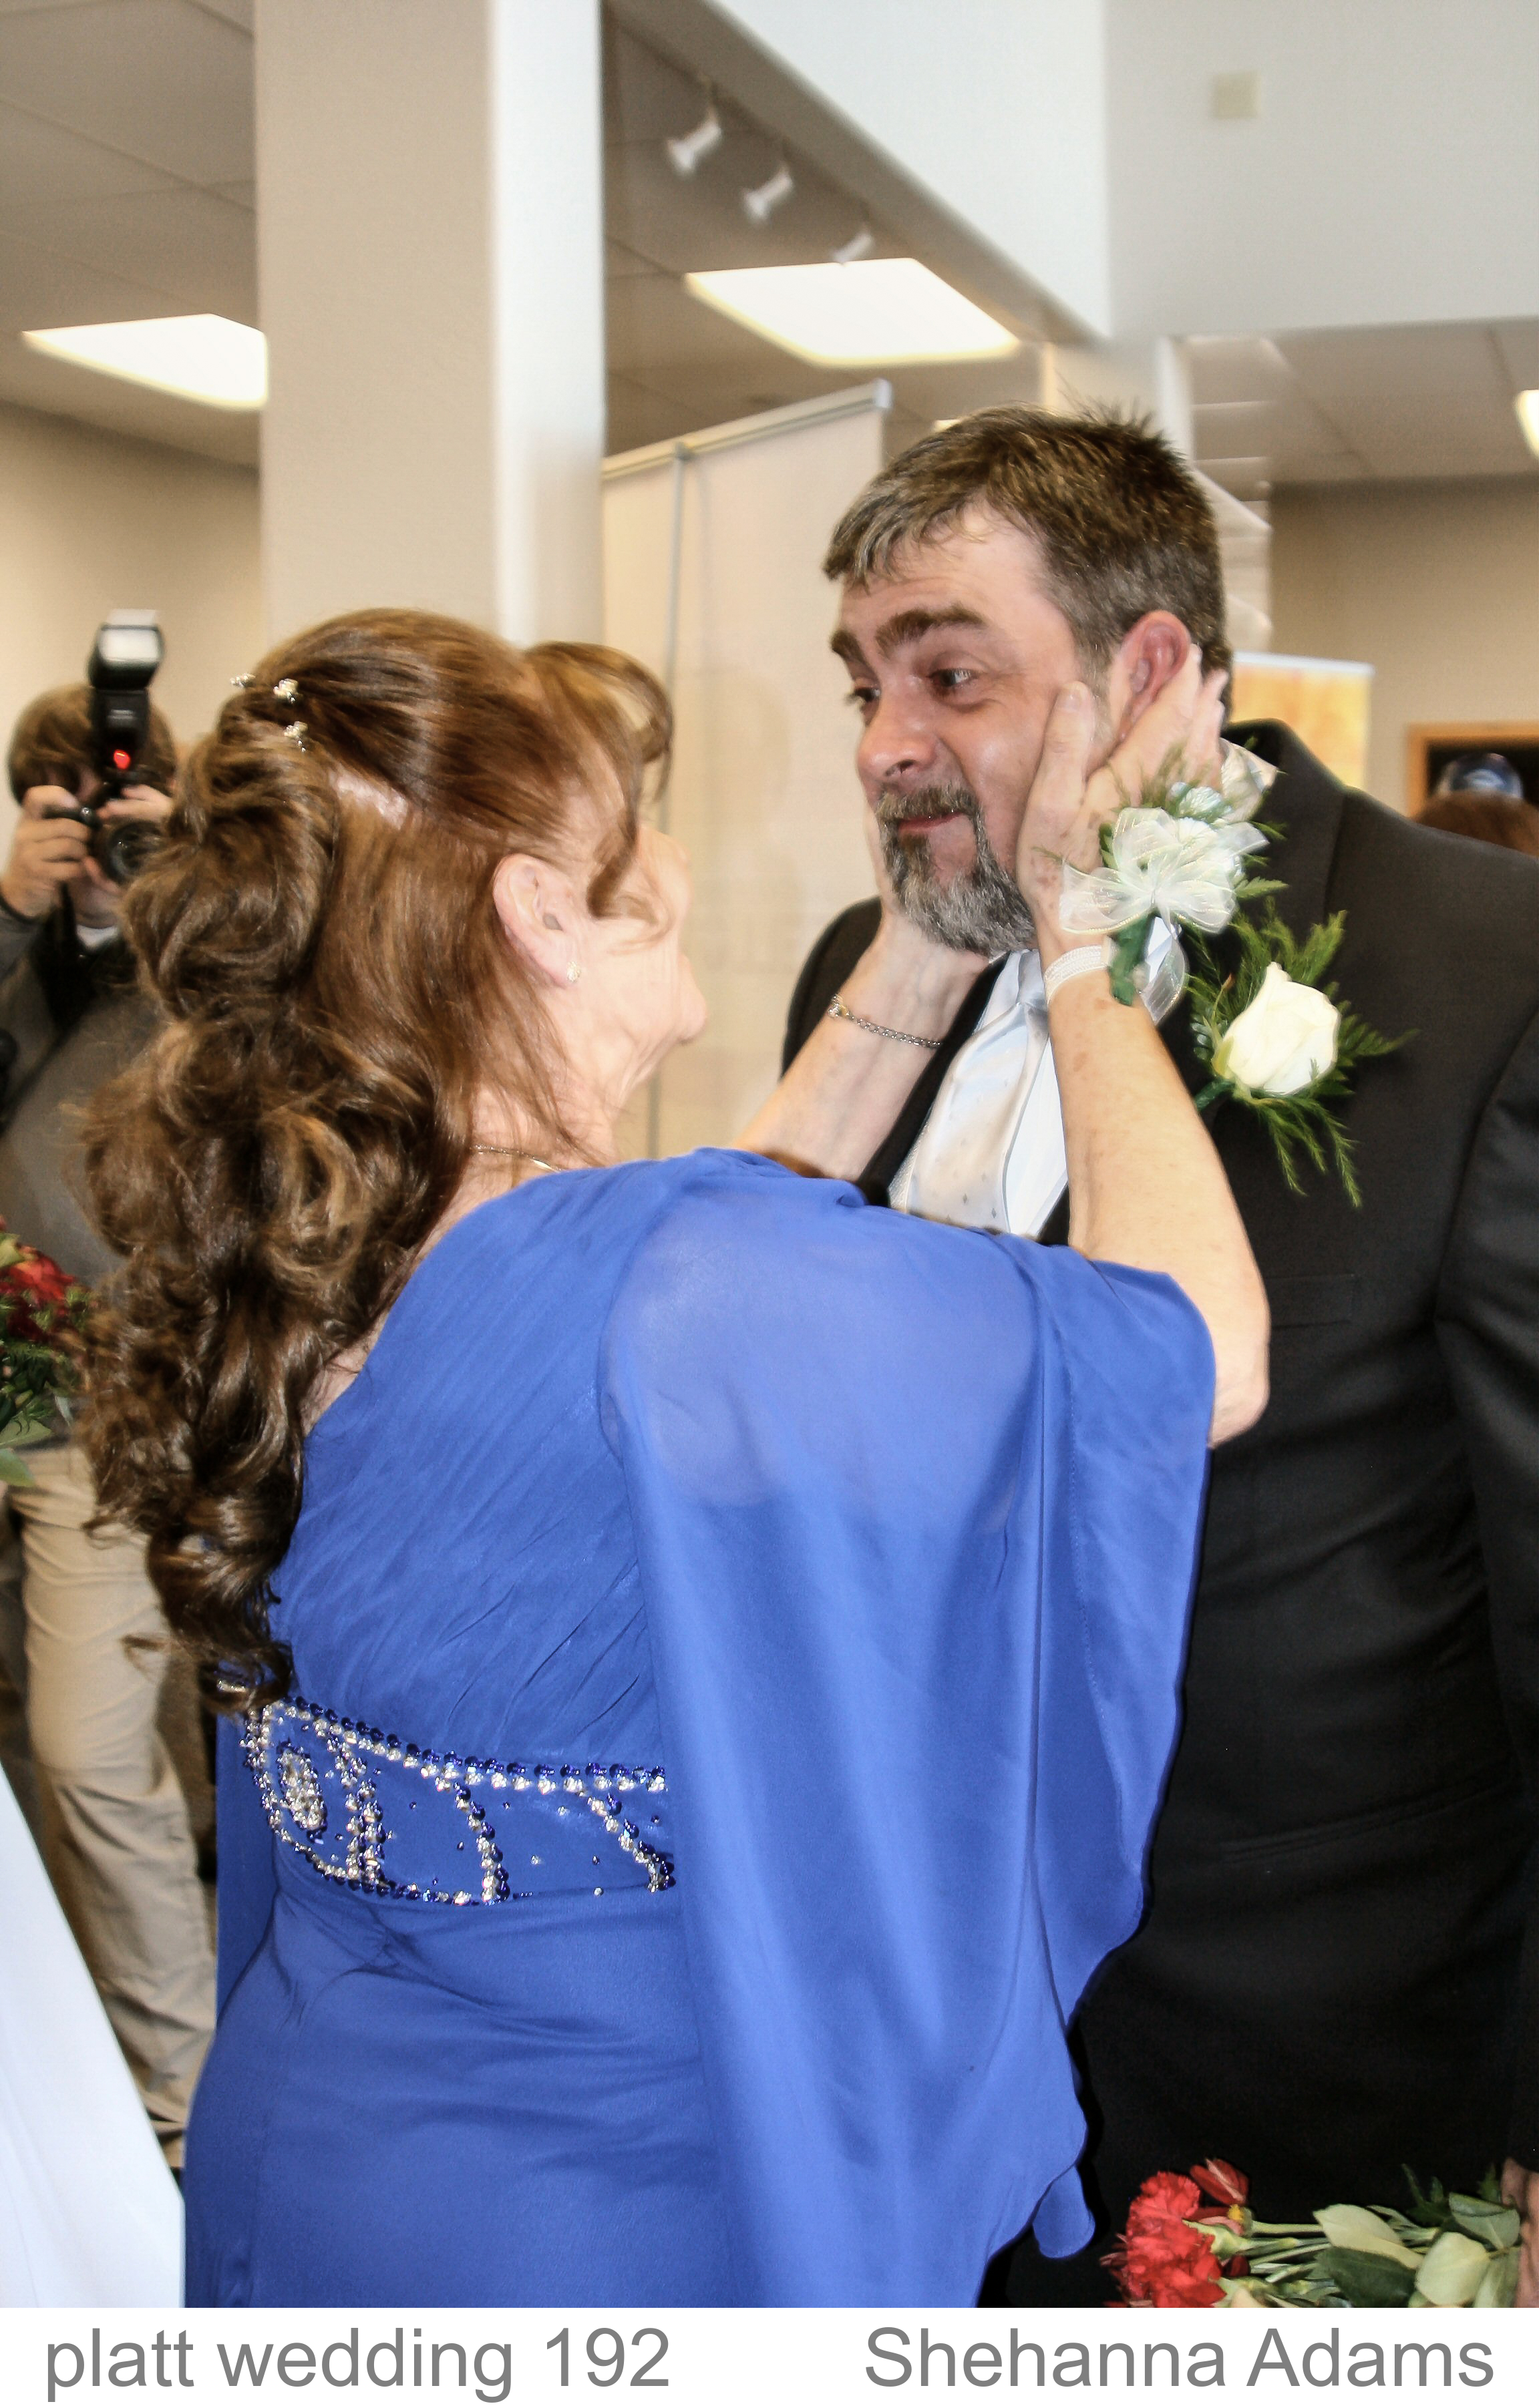 platt wedding 192.jpg